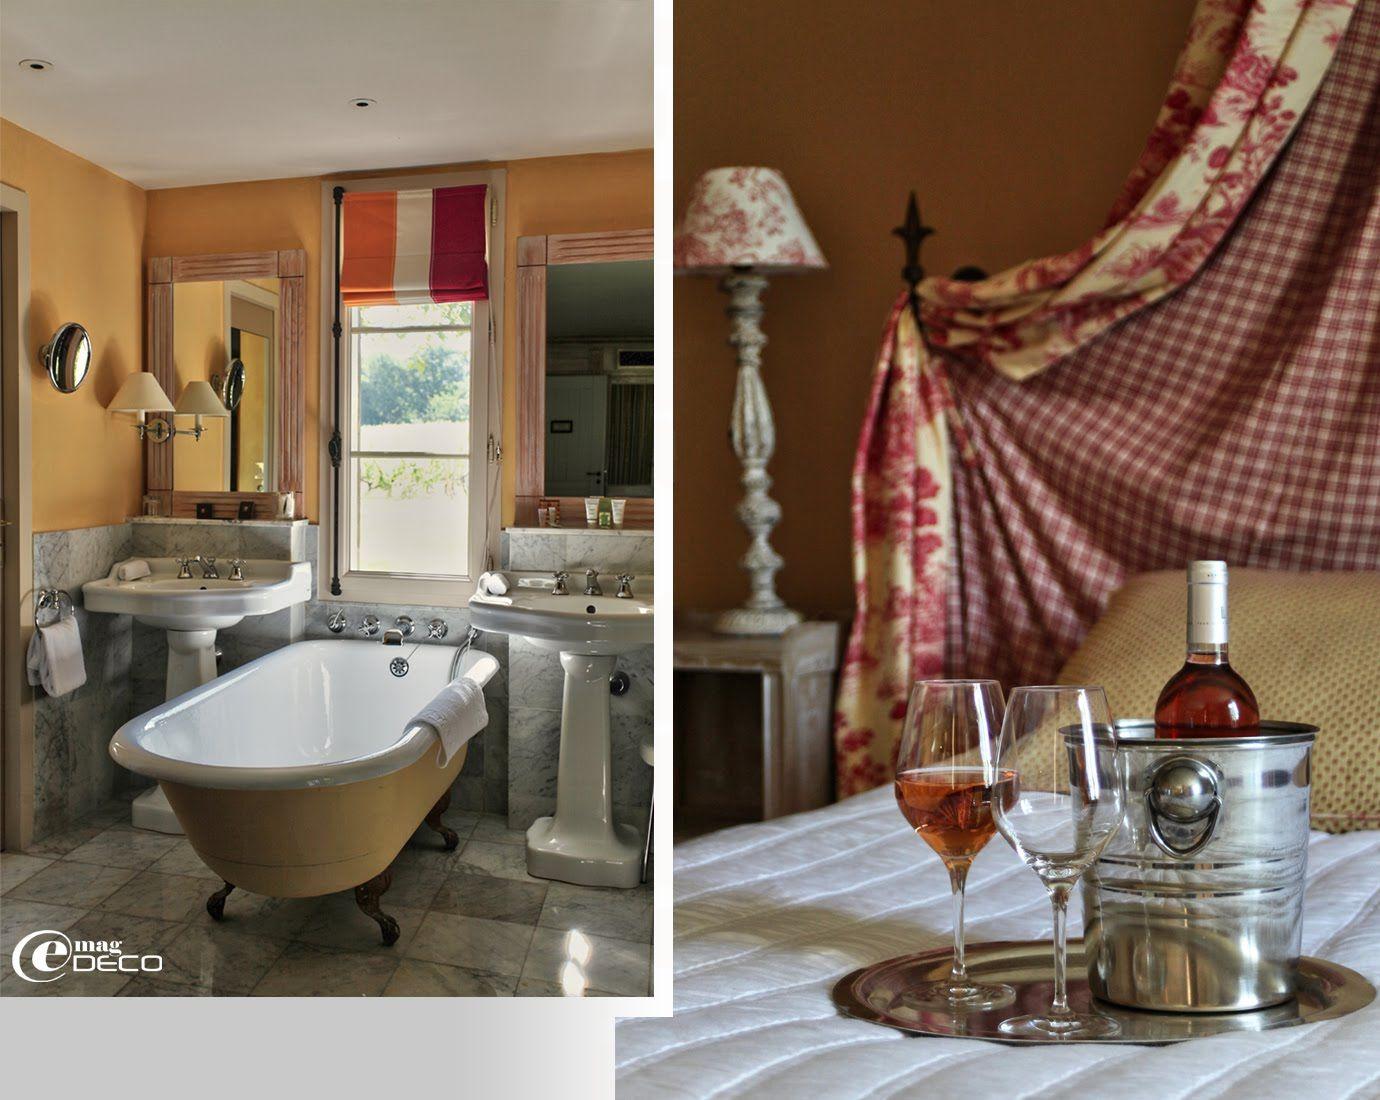 Salle de bain r tro les sources de caudalie tablissement h telier 5 toiles pr s de bordeaux - Salle de bain bordeaux ...